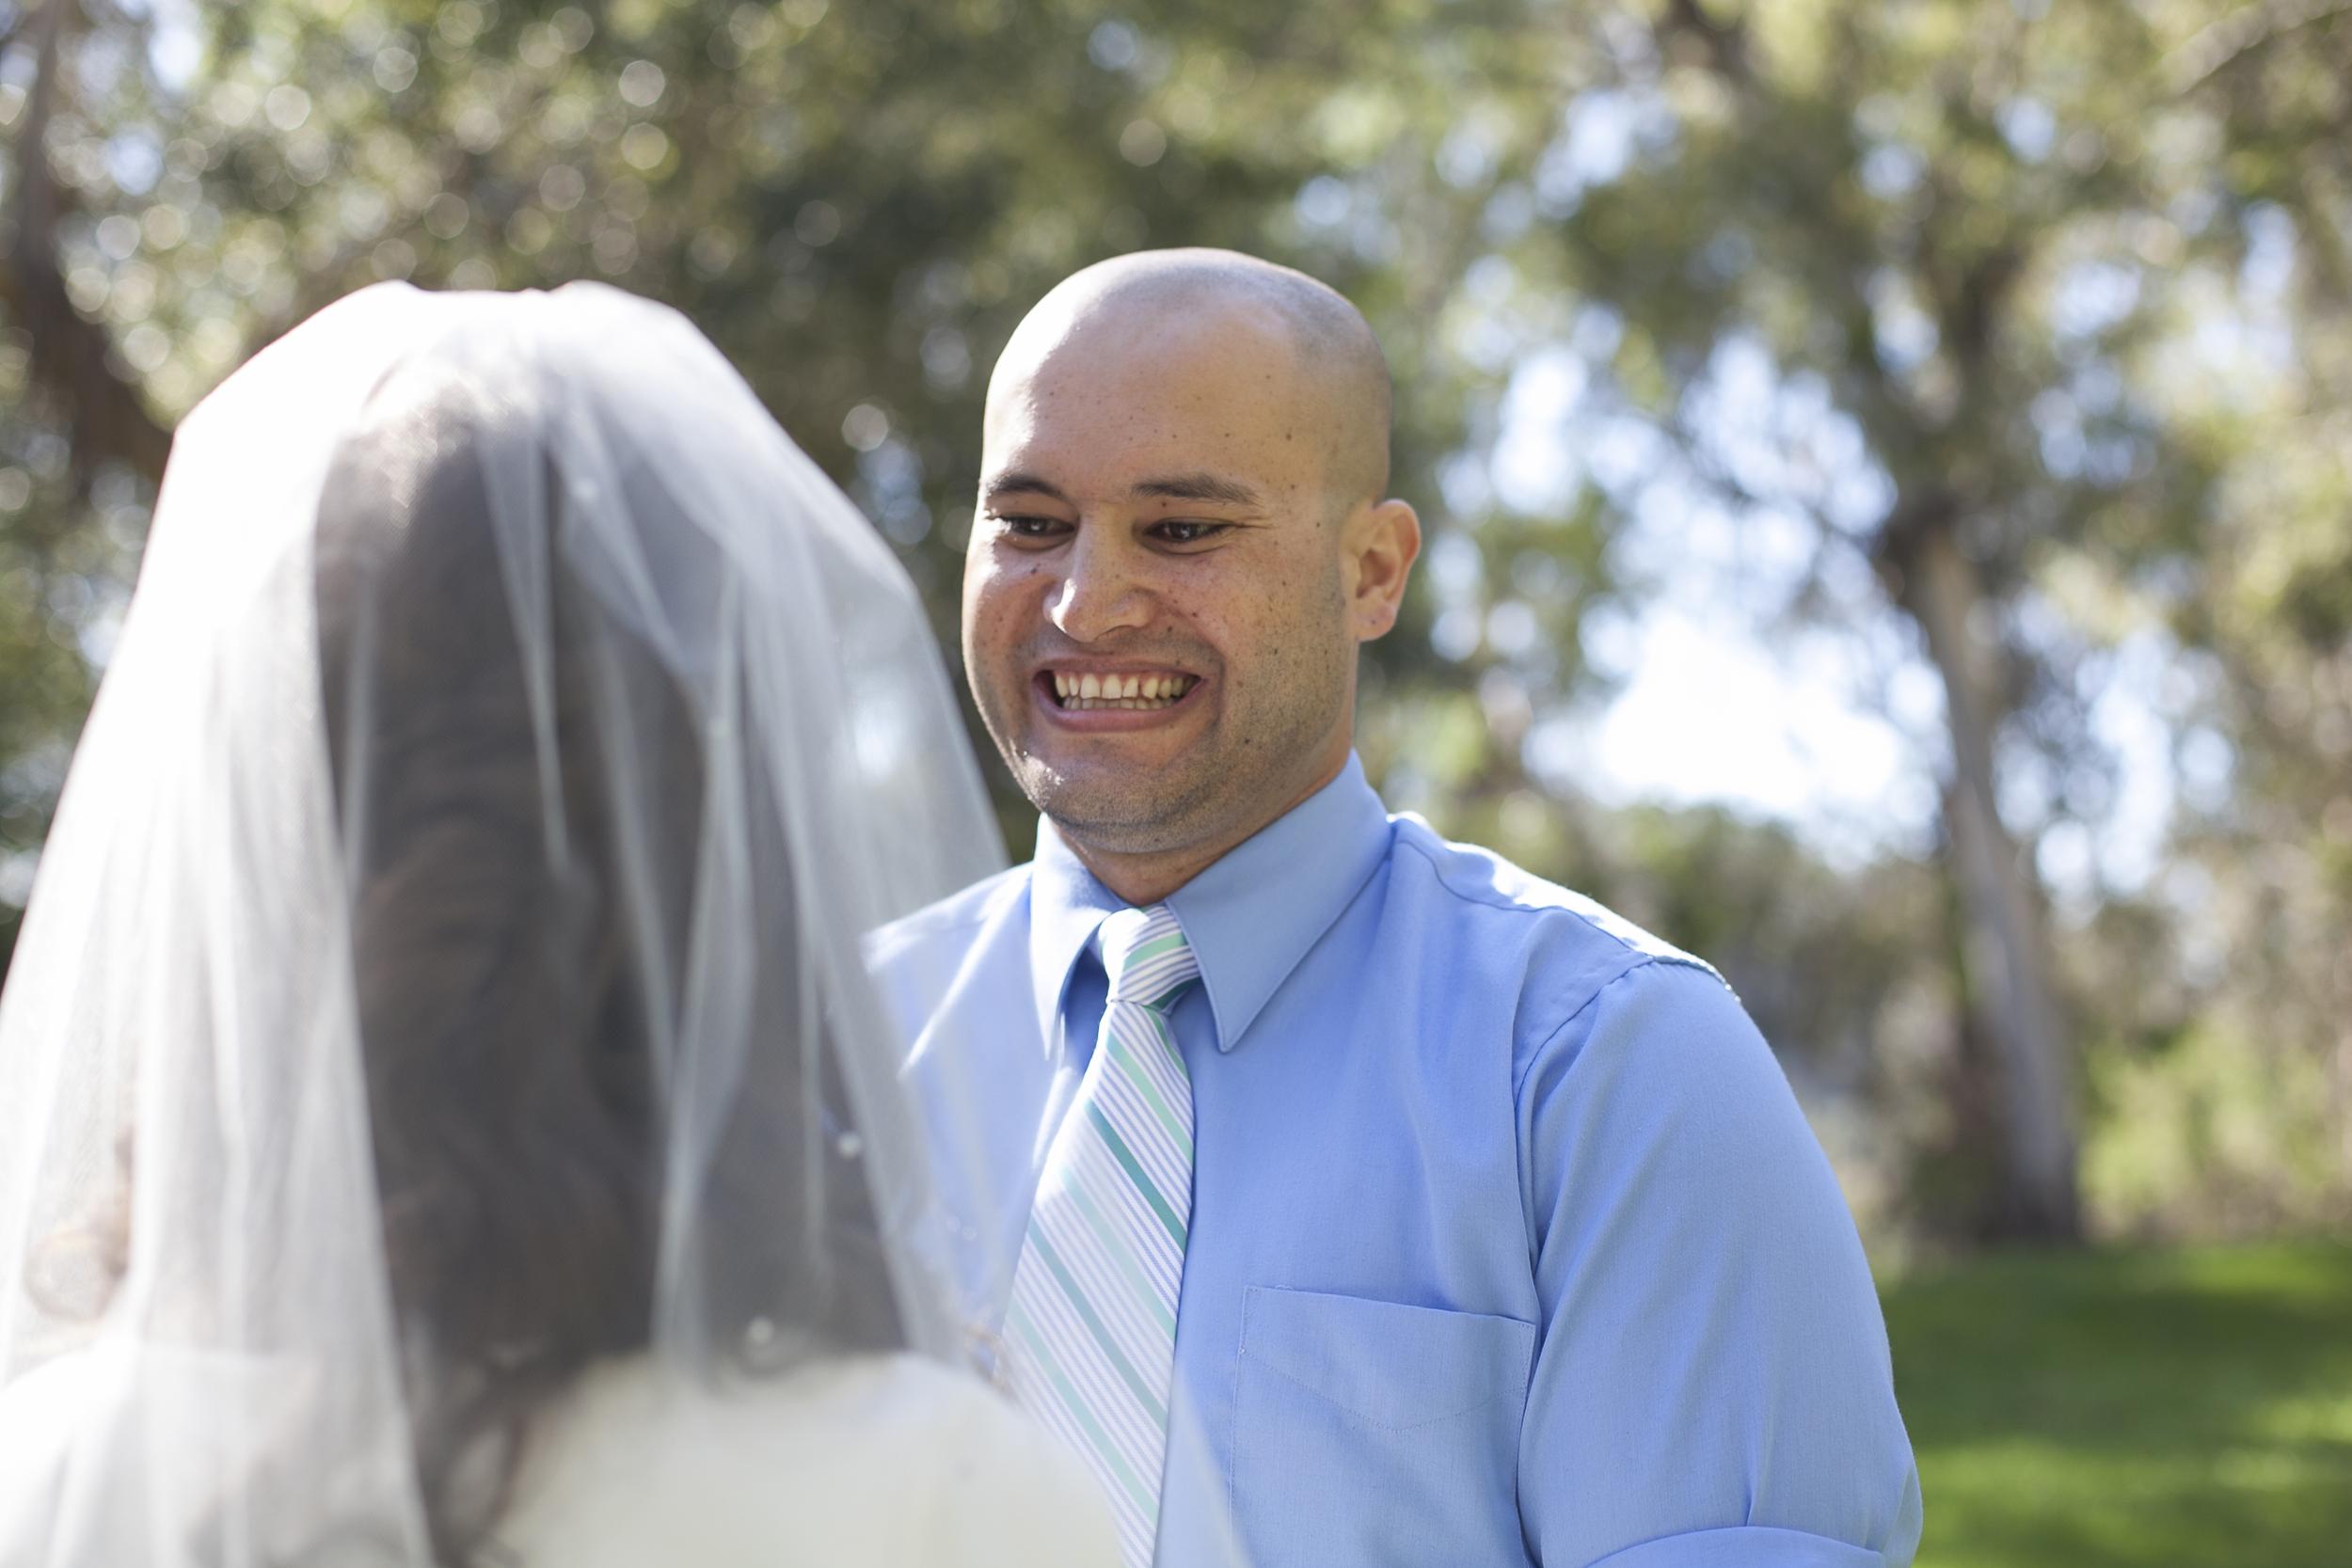 Tilden Park Berkeley Wedding Photographer-Meo Baaklini008.jpg